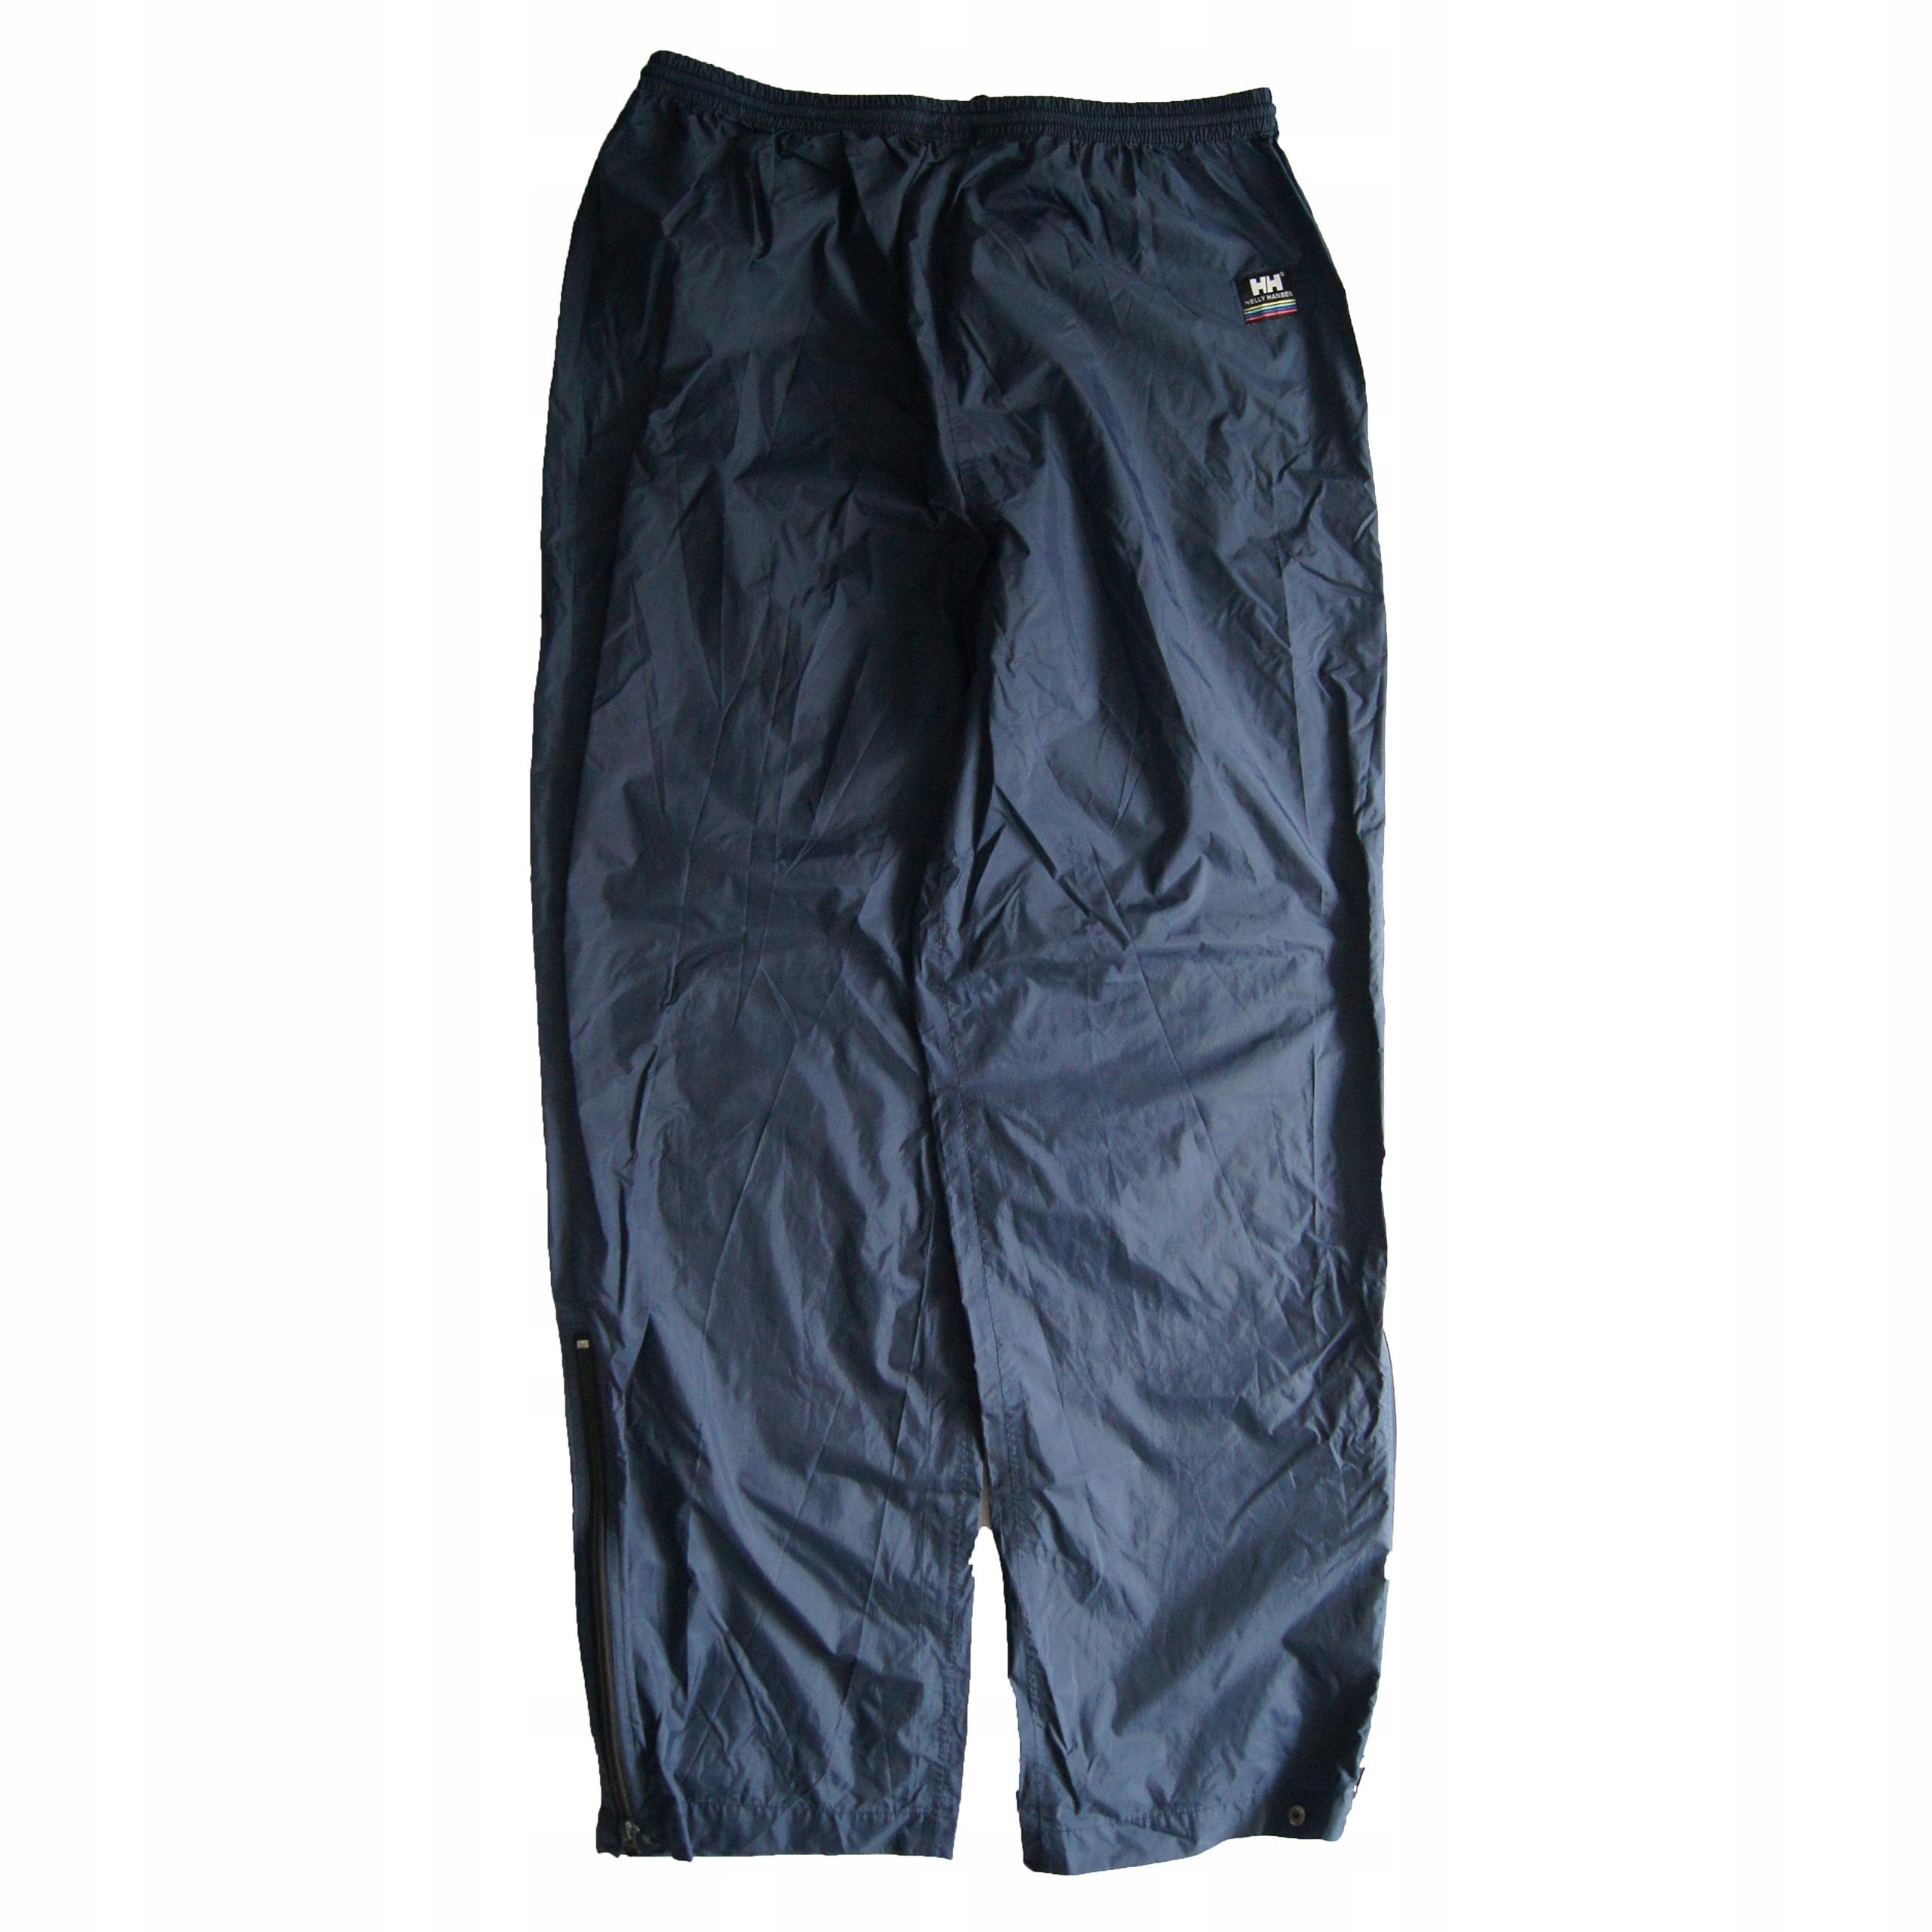 Spodnie trekingowe, nieprzem. roz. XL HELLY HANSEN